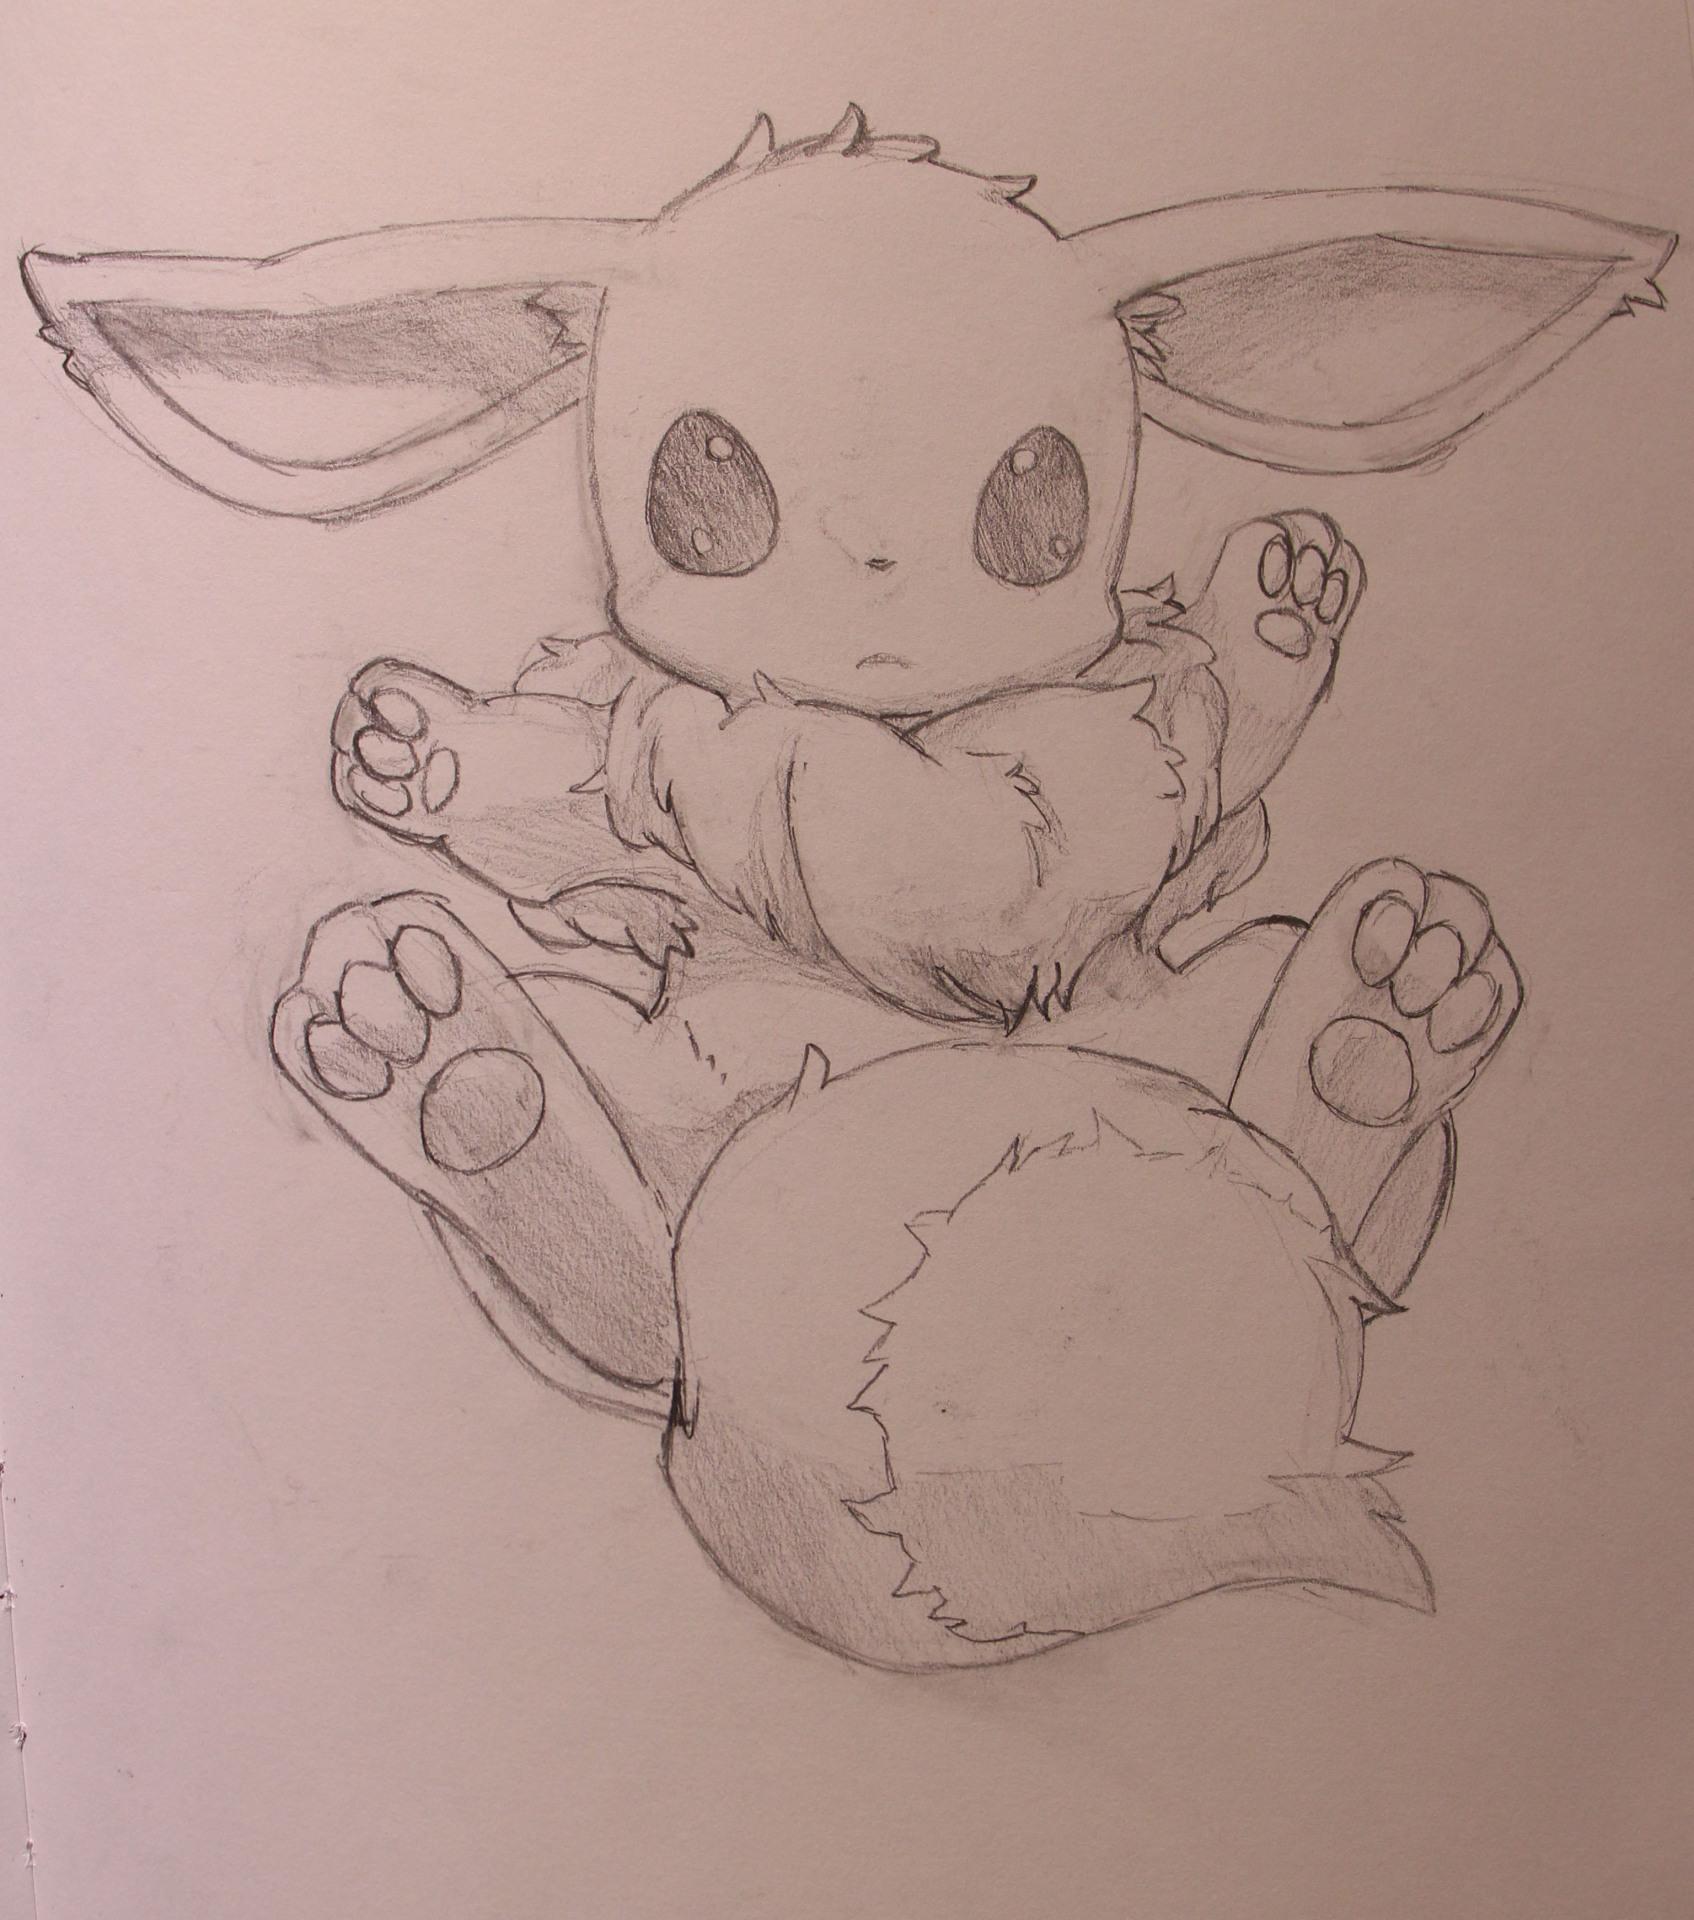 Character Studies - Sketch Eevee